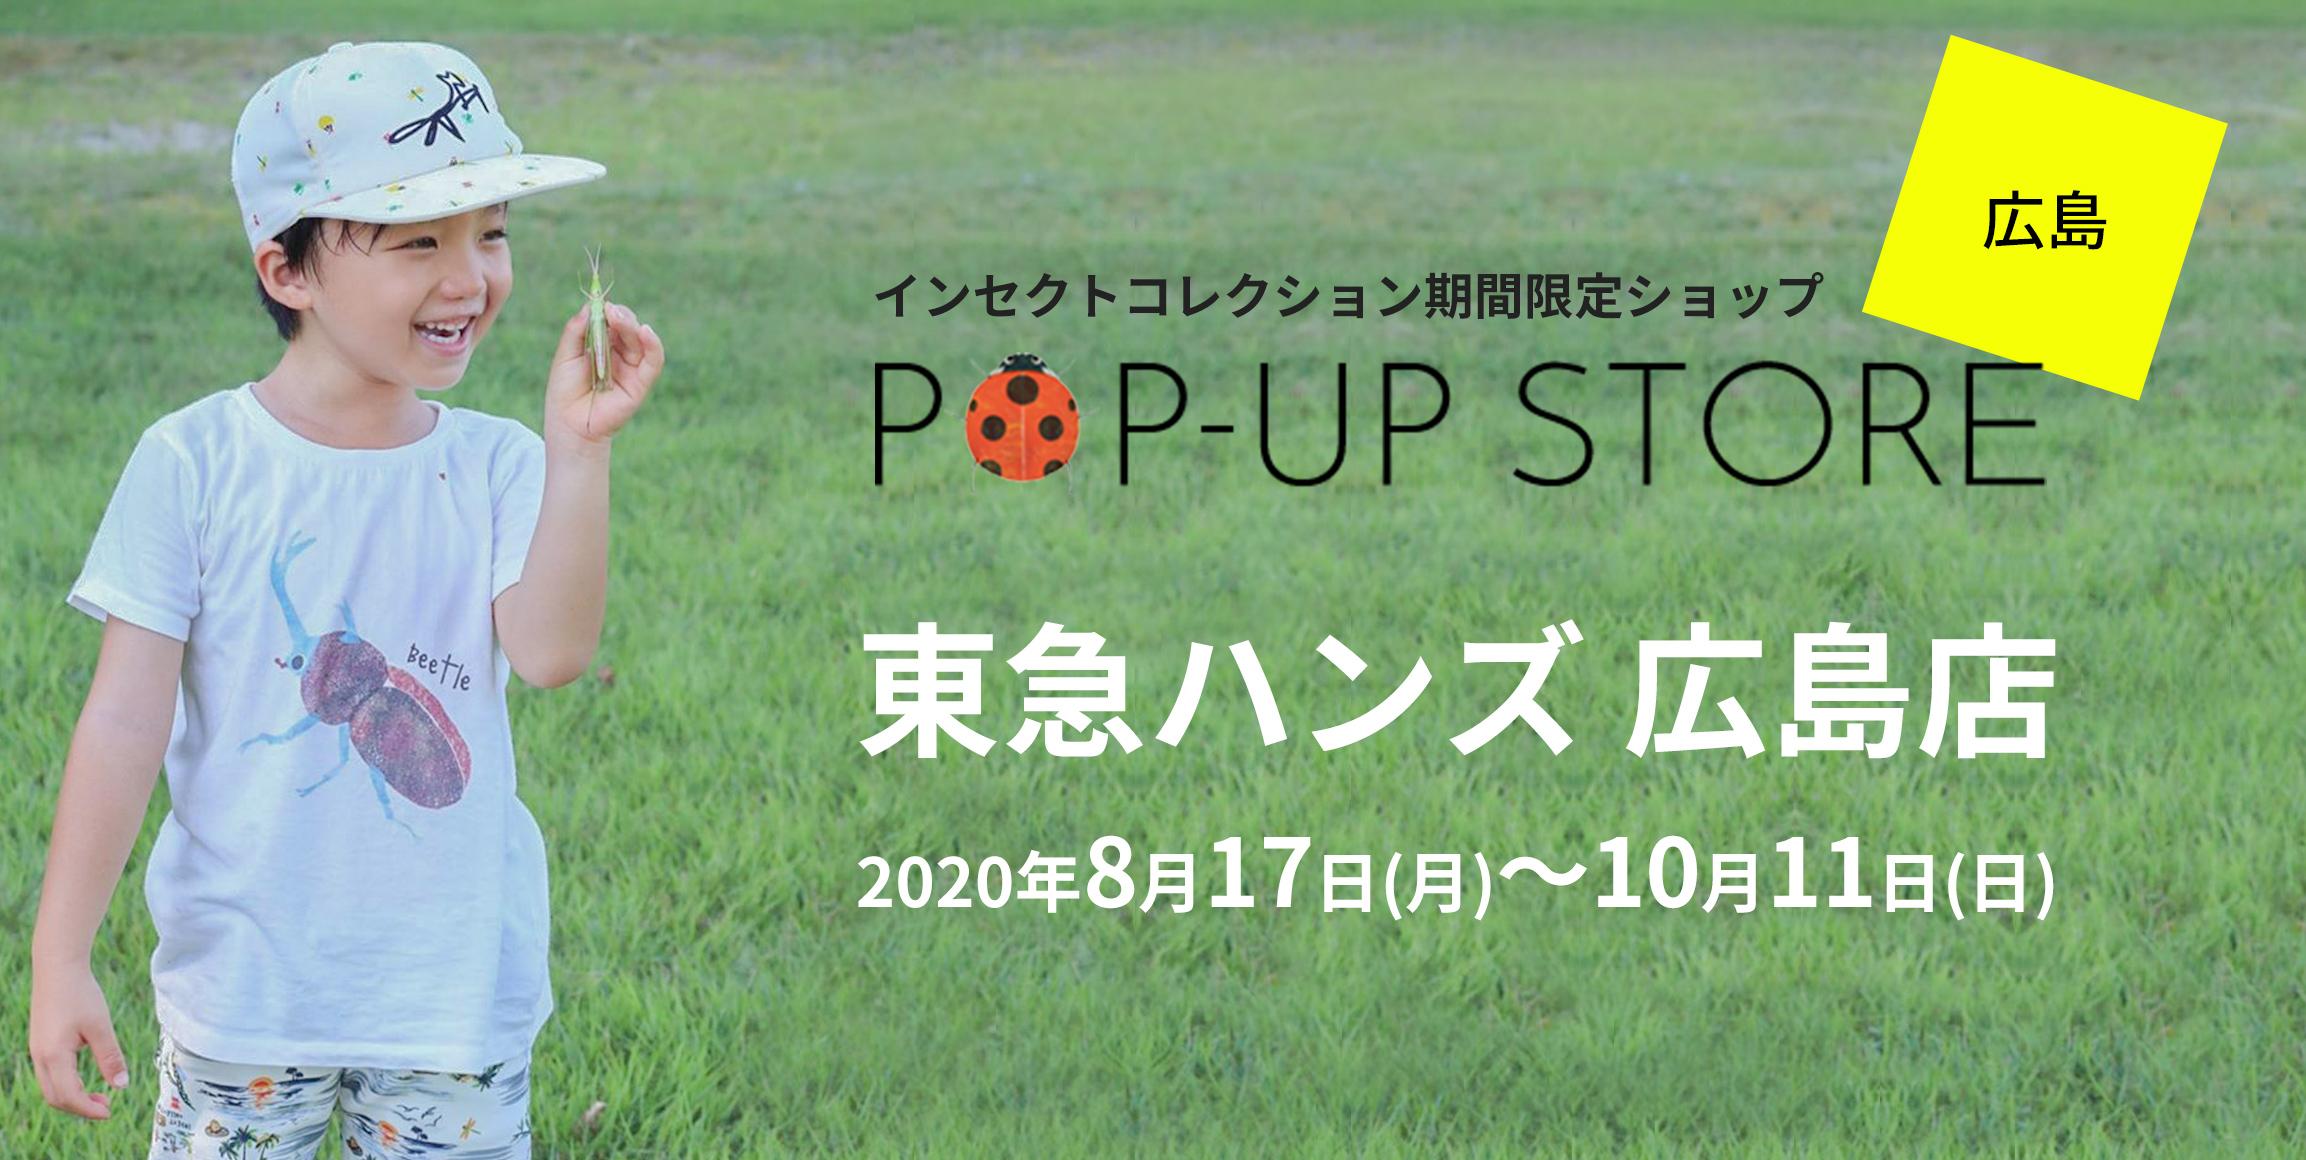 インセクトコレクション期間限定ショップ 東急ハンズ 広島店